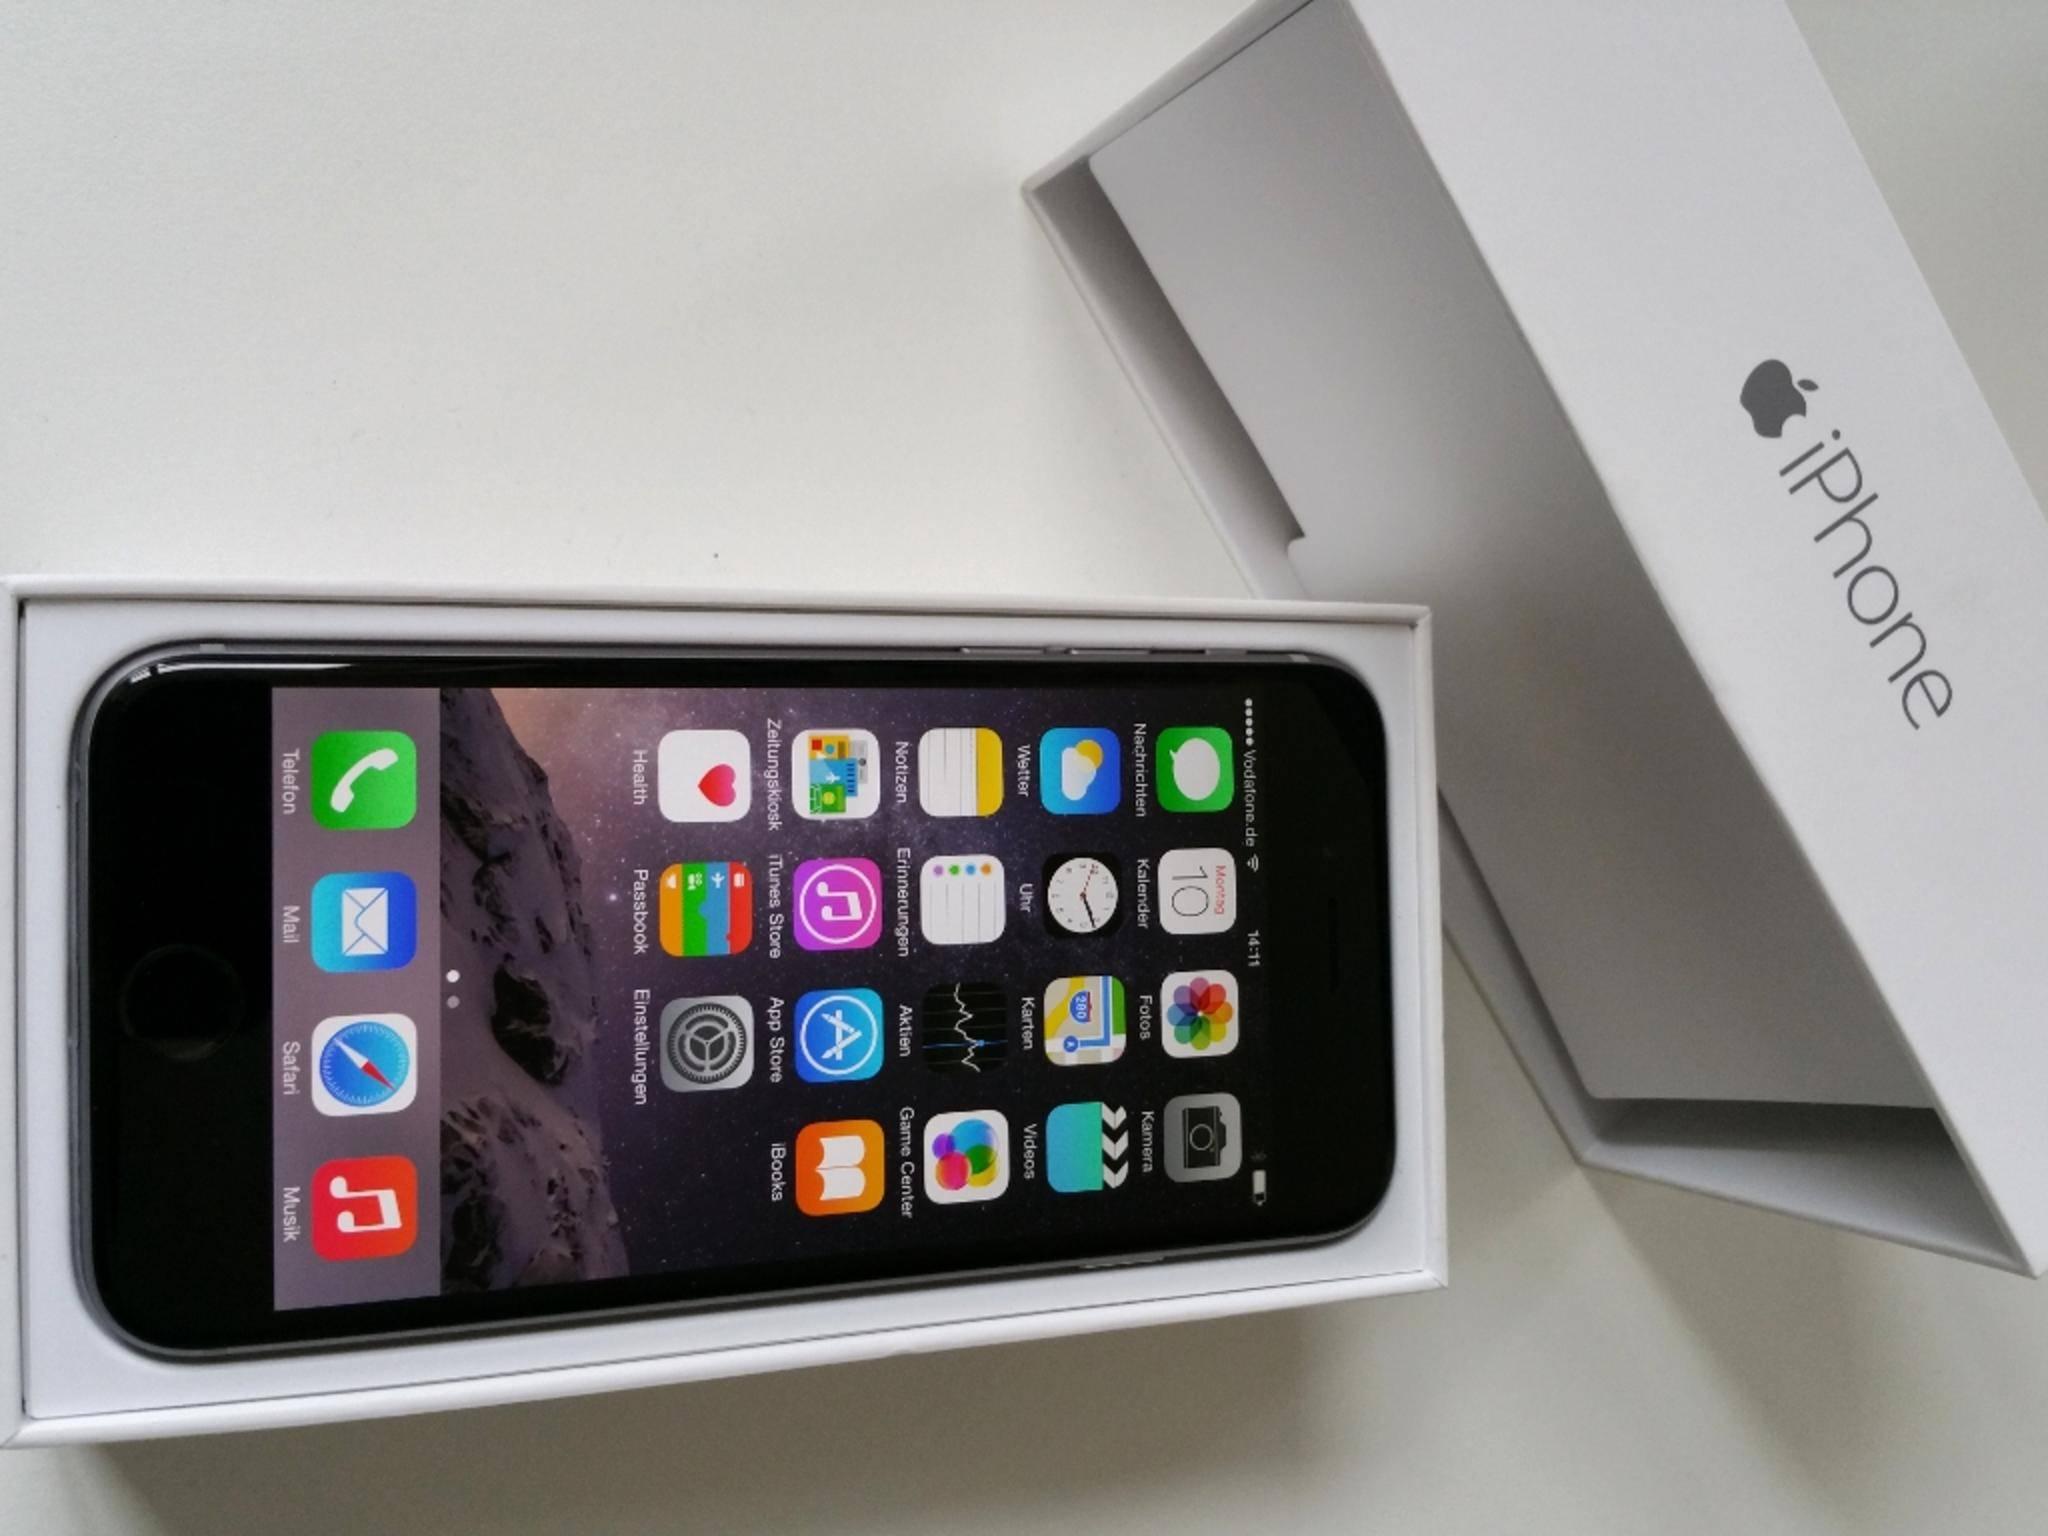 Das Display des iPhone 6 ist im Vergleich zum Vorgänger deutlich gewachsen.